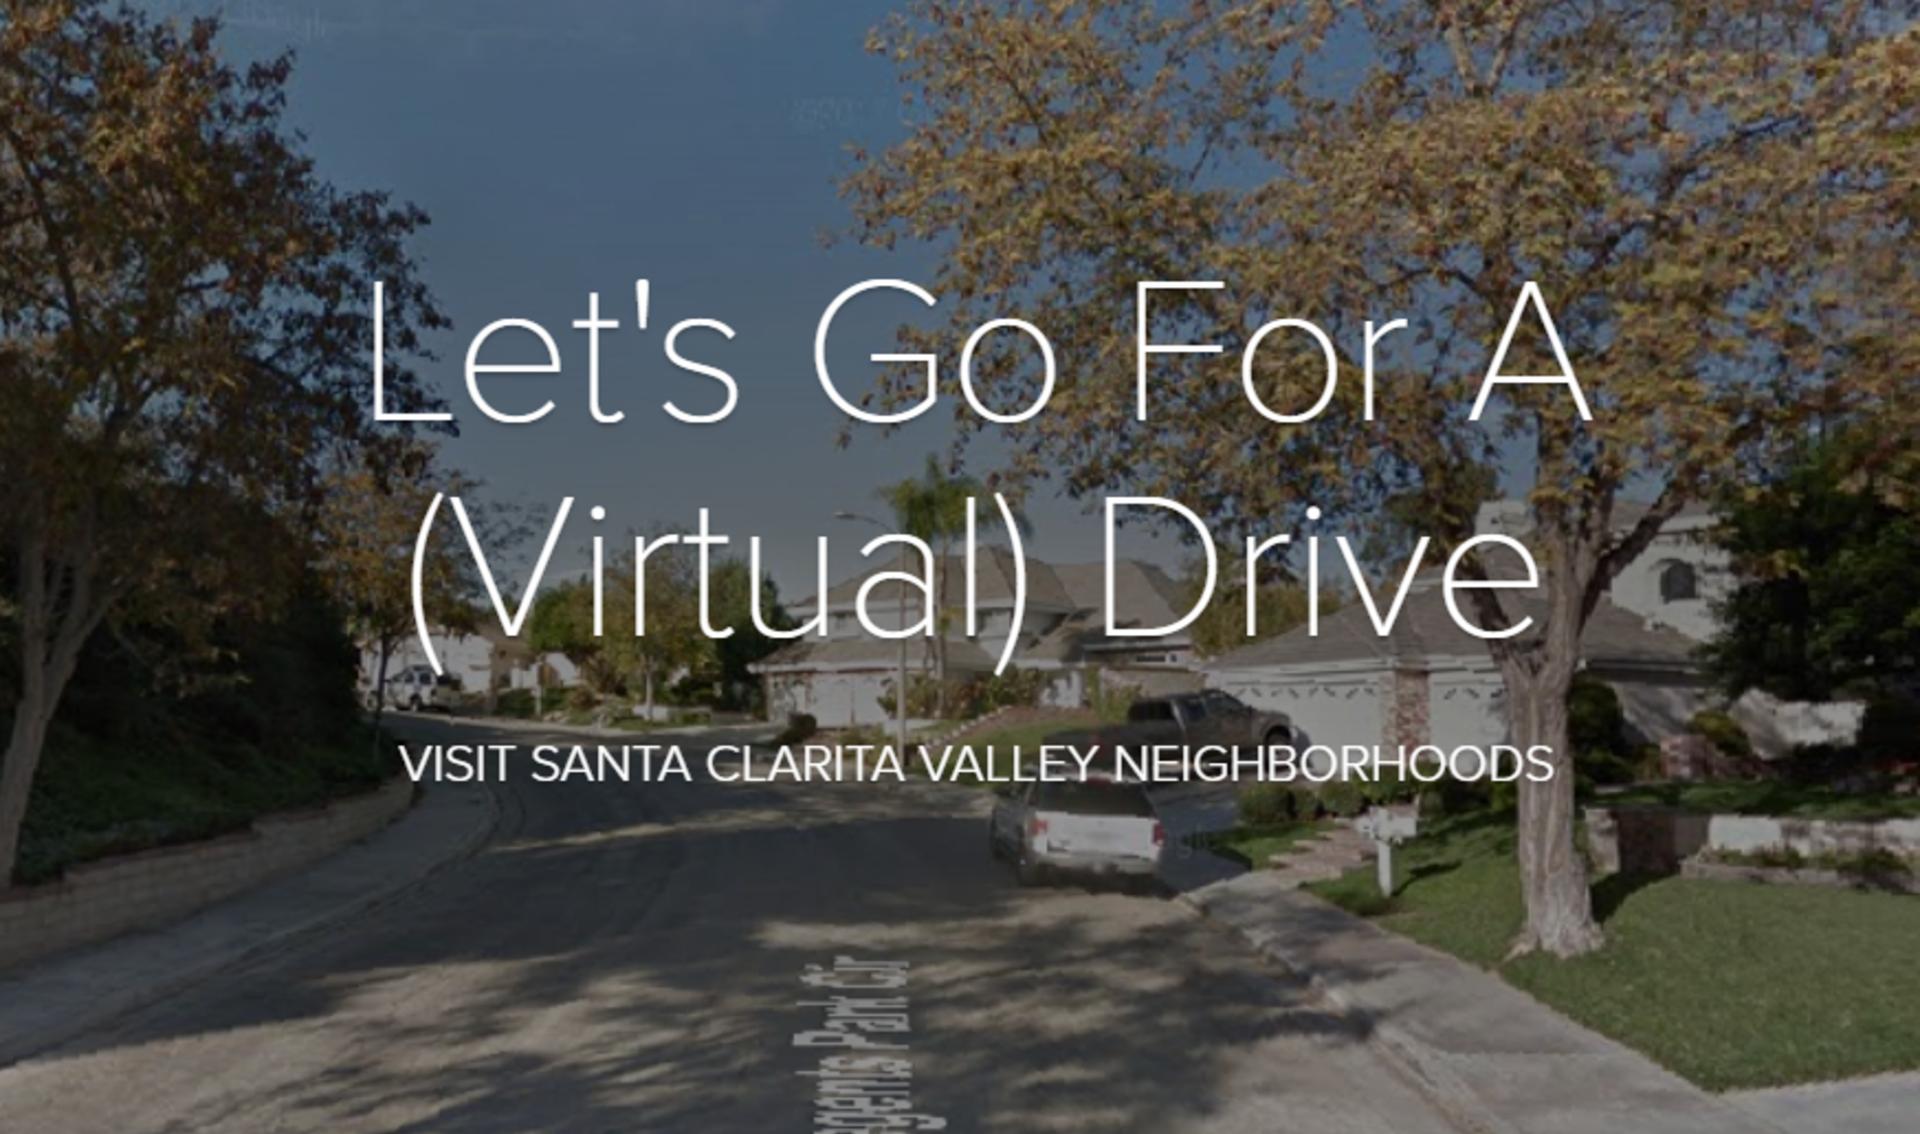 Lets Go For A (Virtual) Drive In Santa Clarita